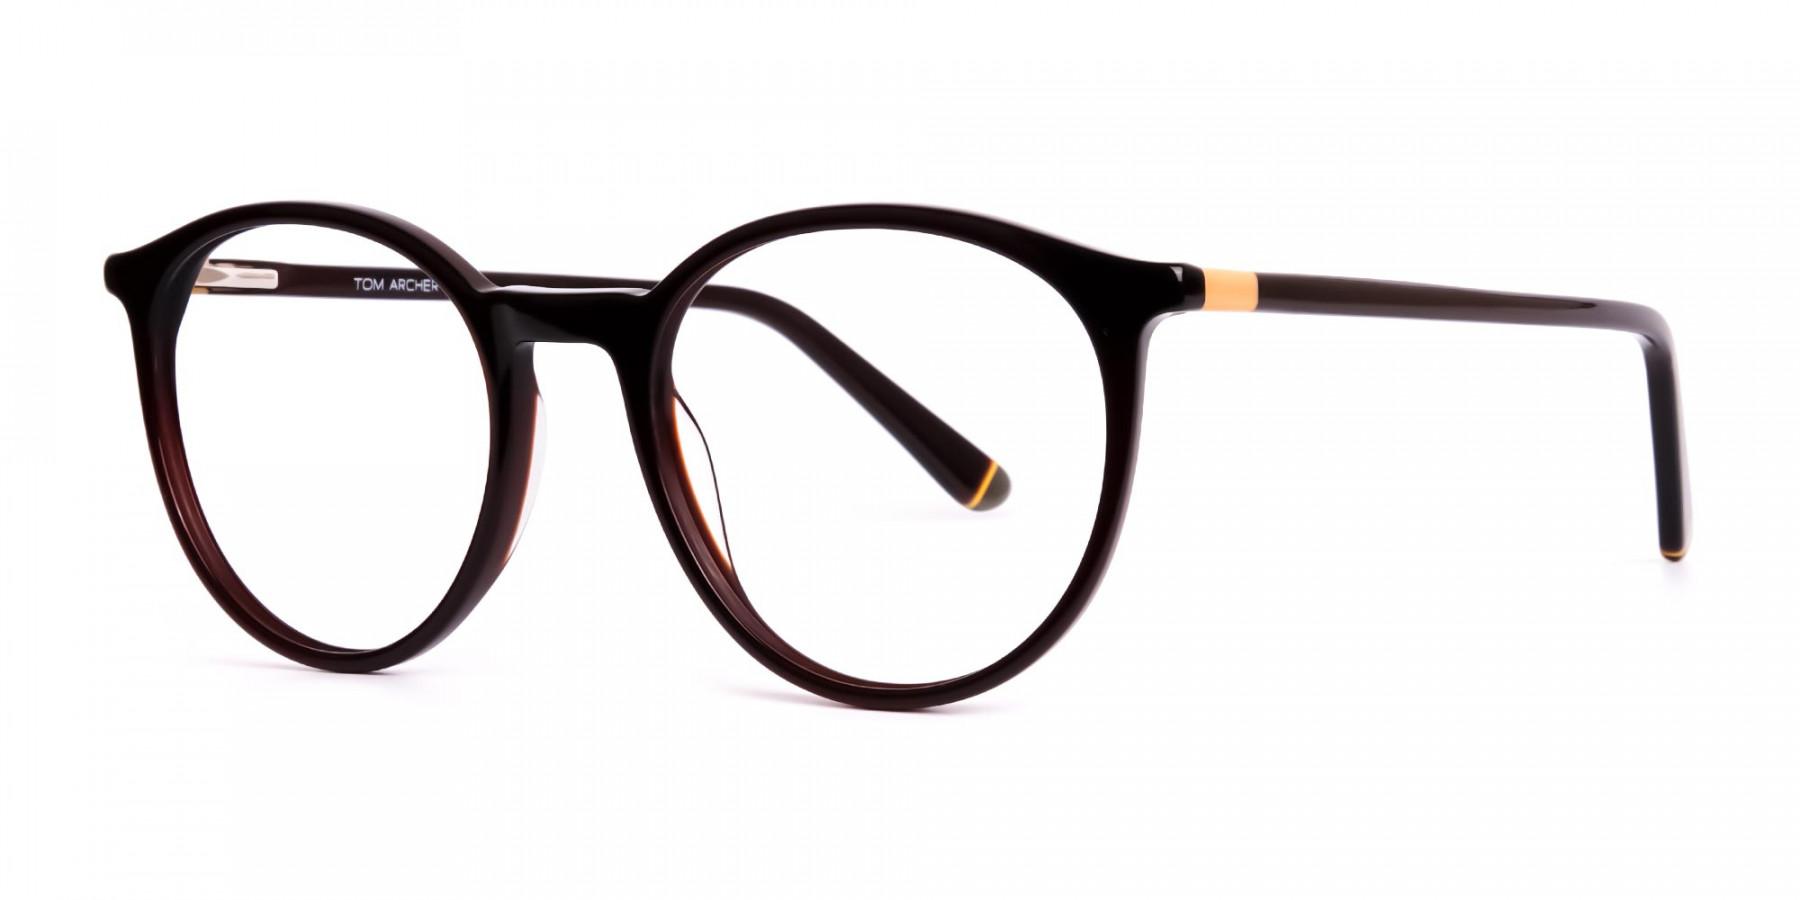 brown-round-full-rim-glasses-frames-1